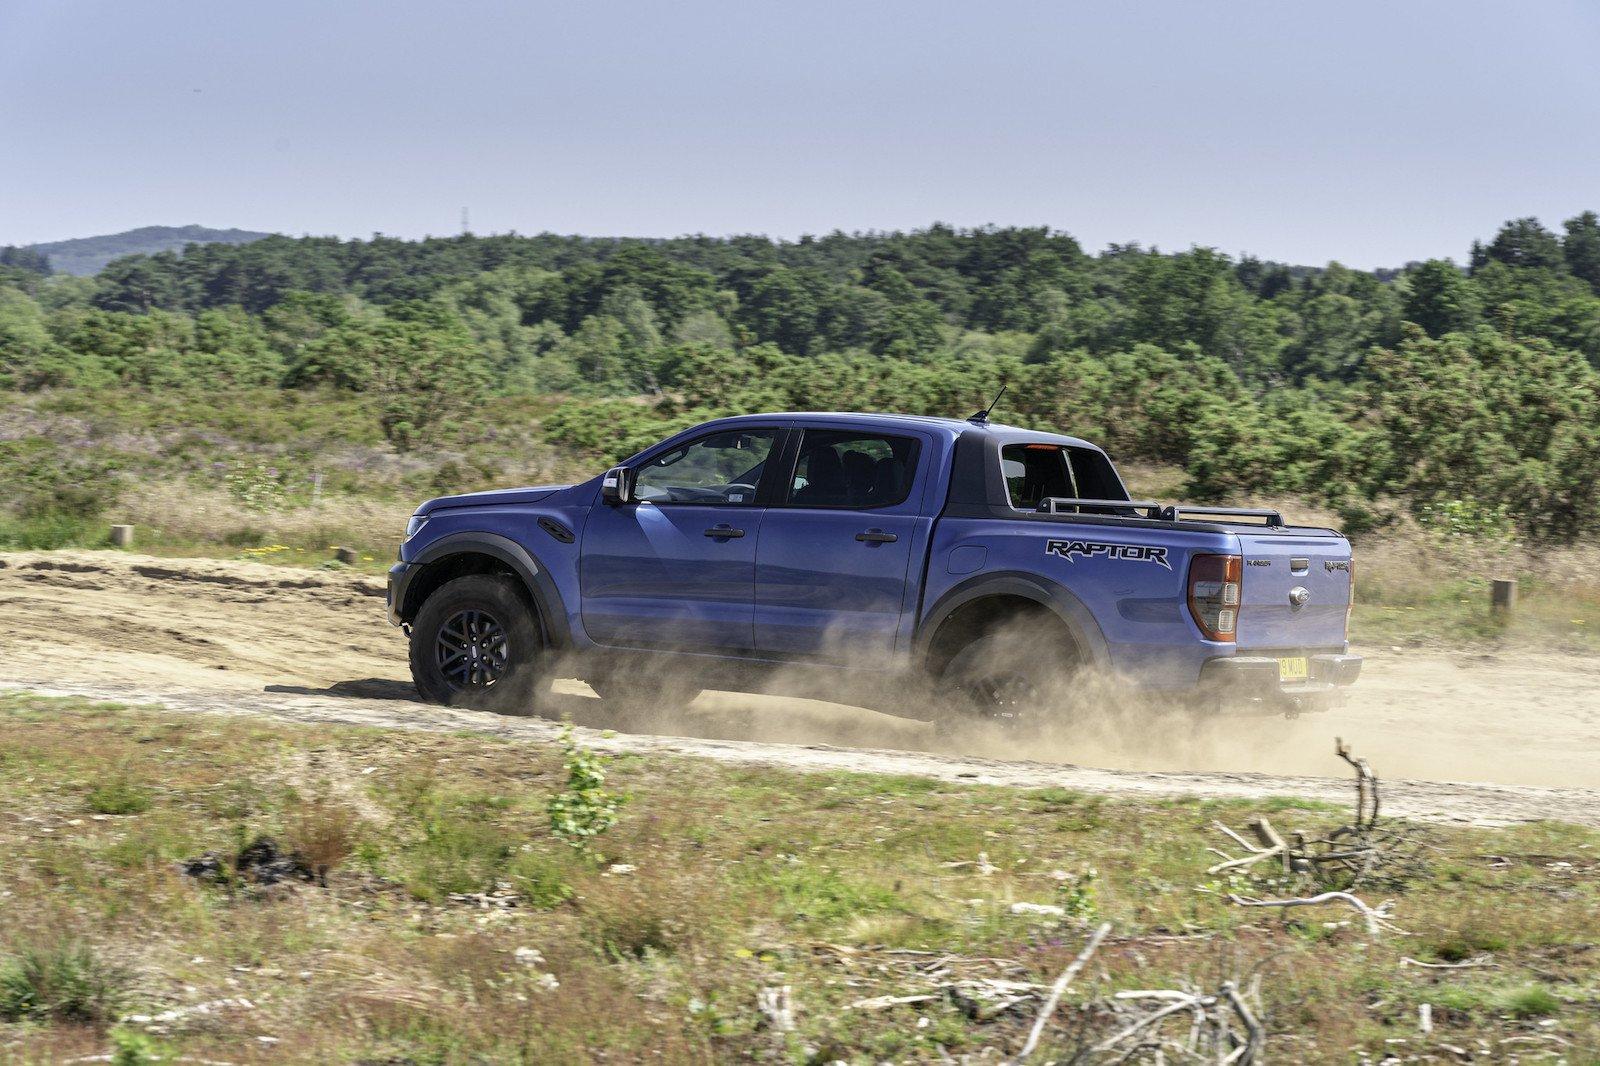 2019 Ford Ranger Raptor off-road side